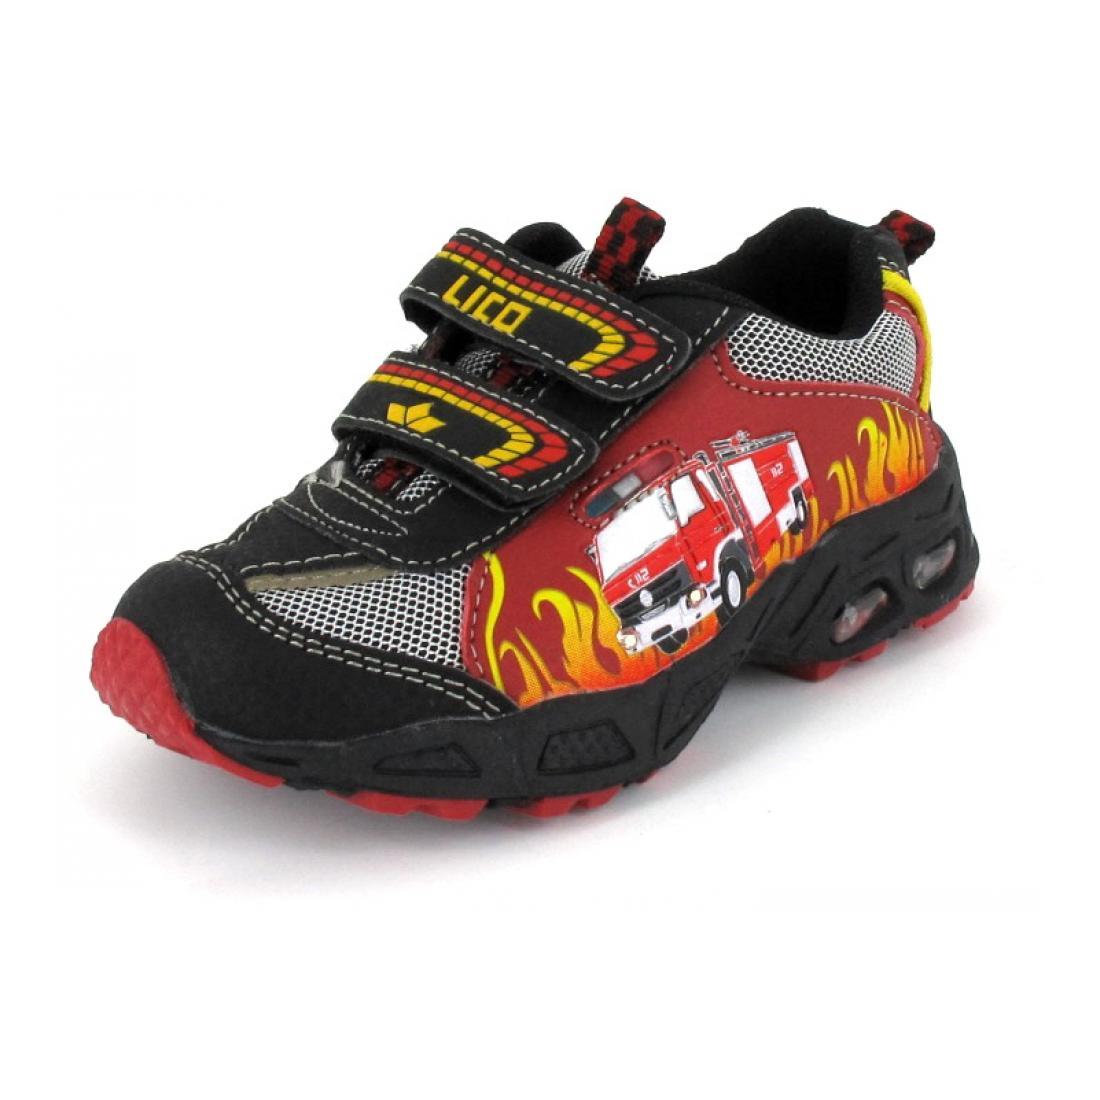 Geka Sneaker Hot V Blinky